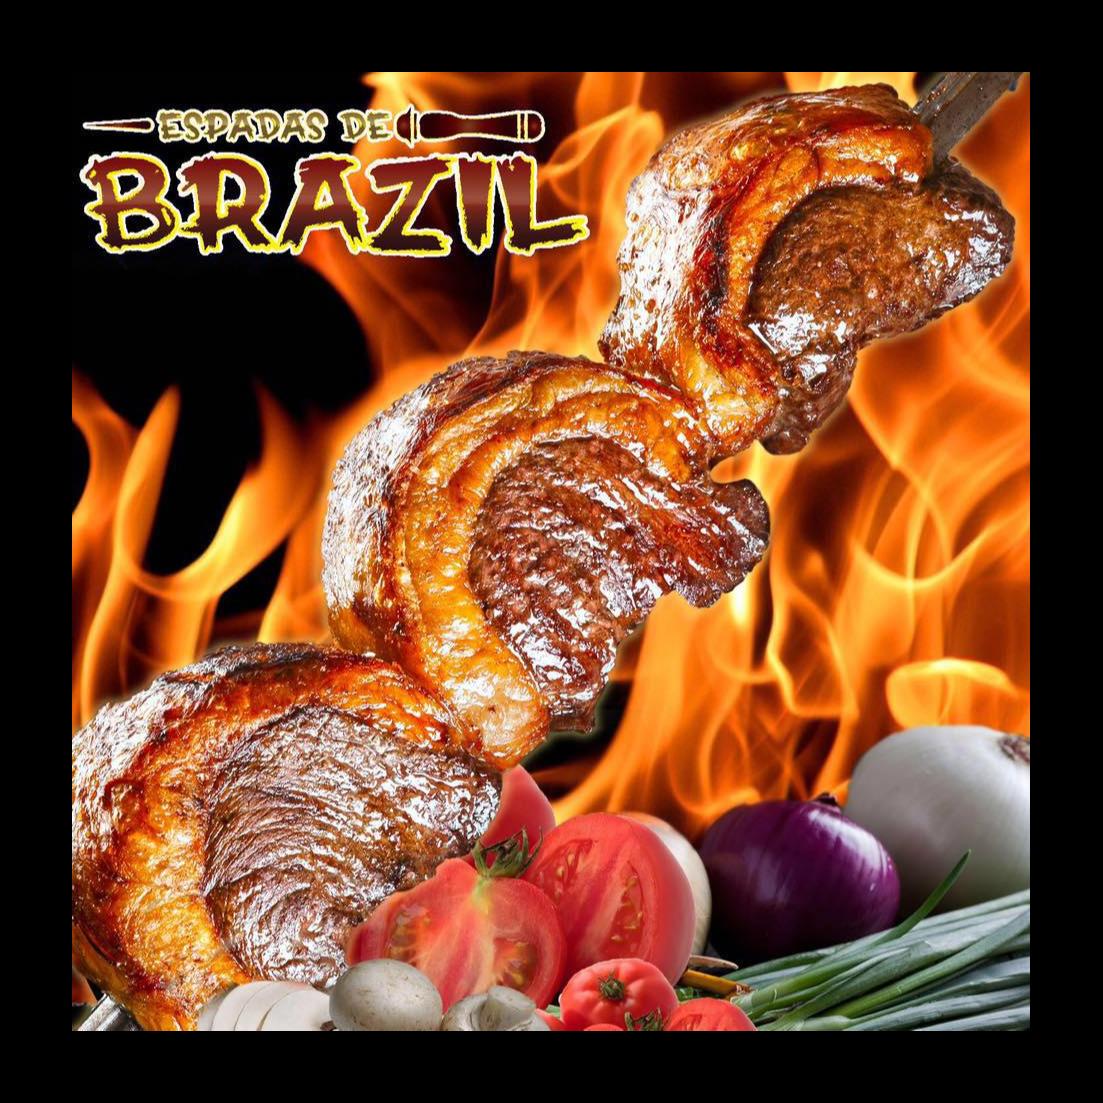 Espadas de Brazil logo